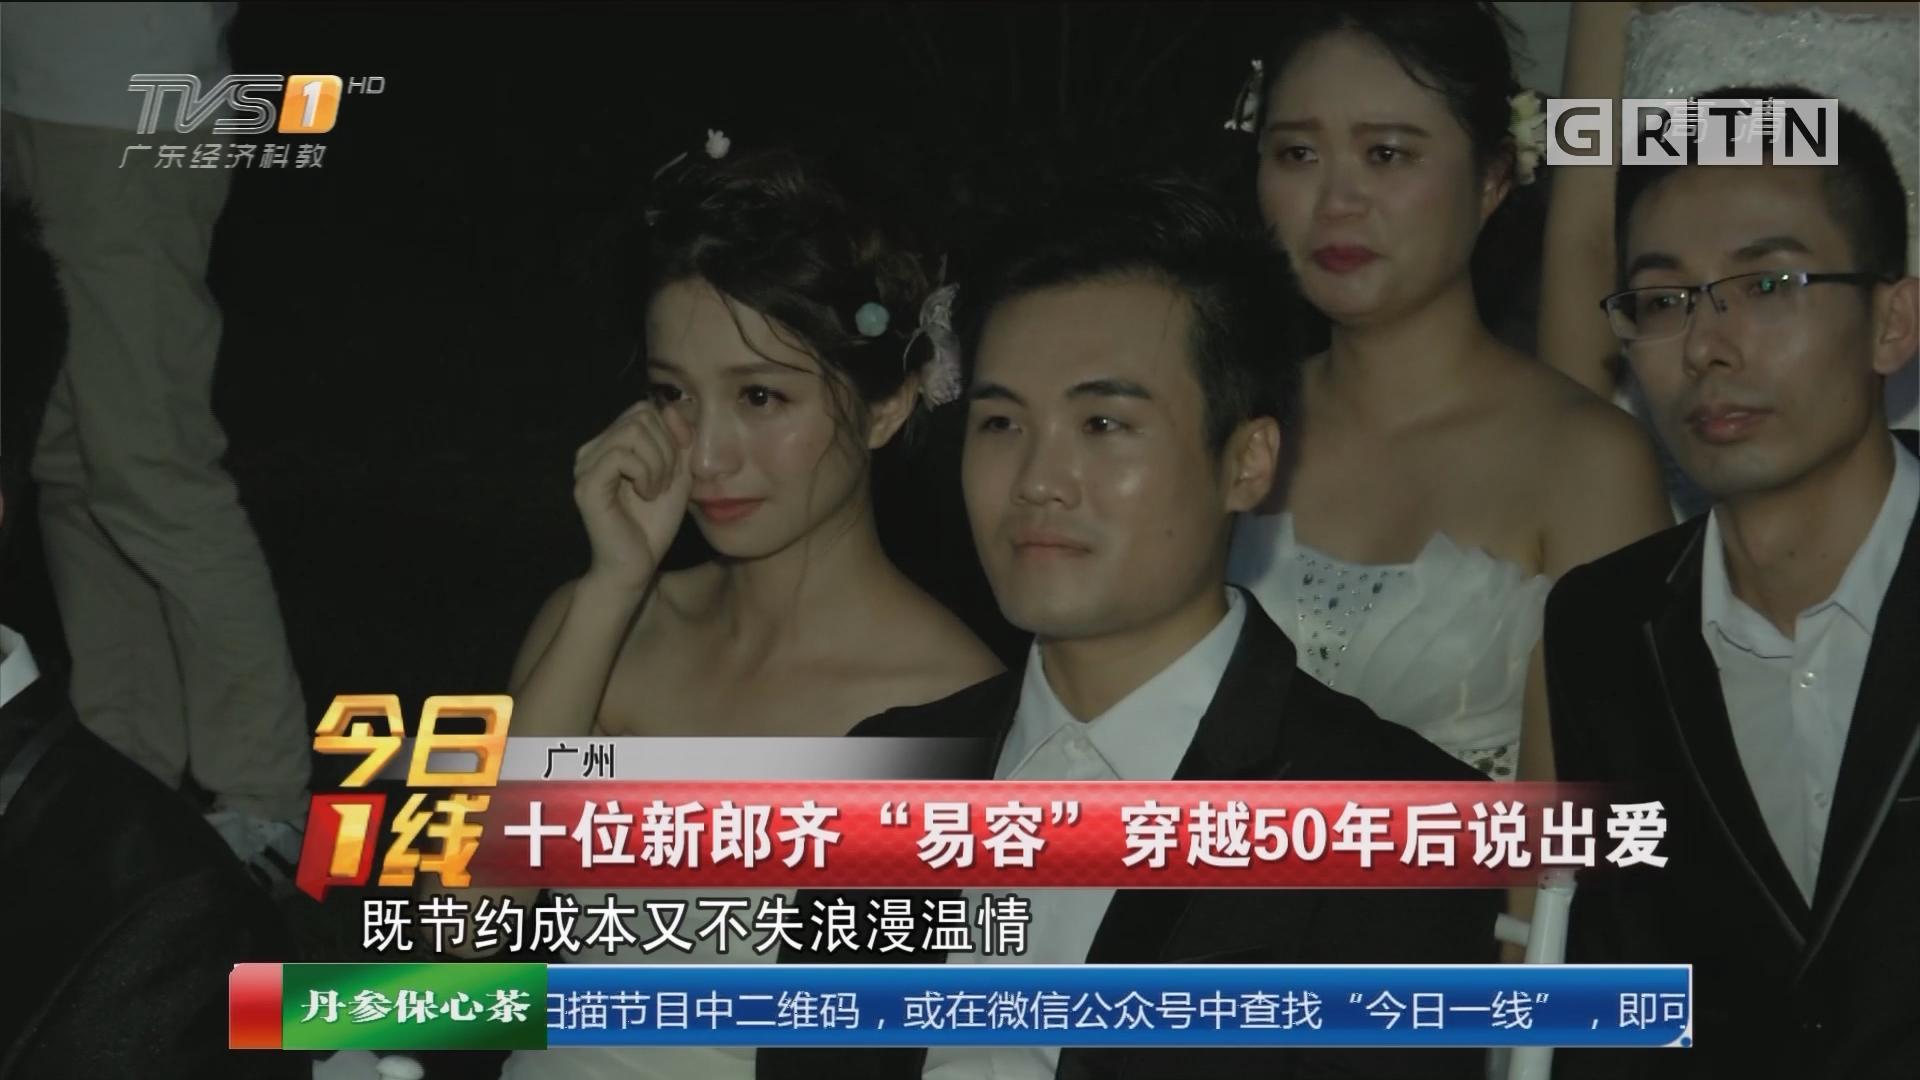 """广州:十位新郎齐""""易容"""" 穿越50年后说出爱"""